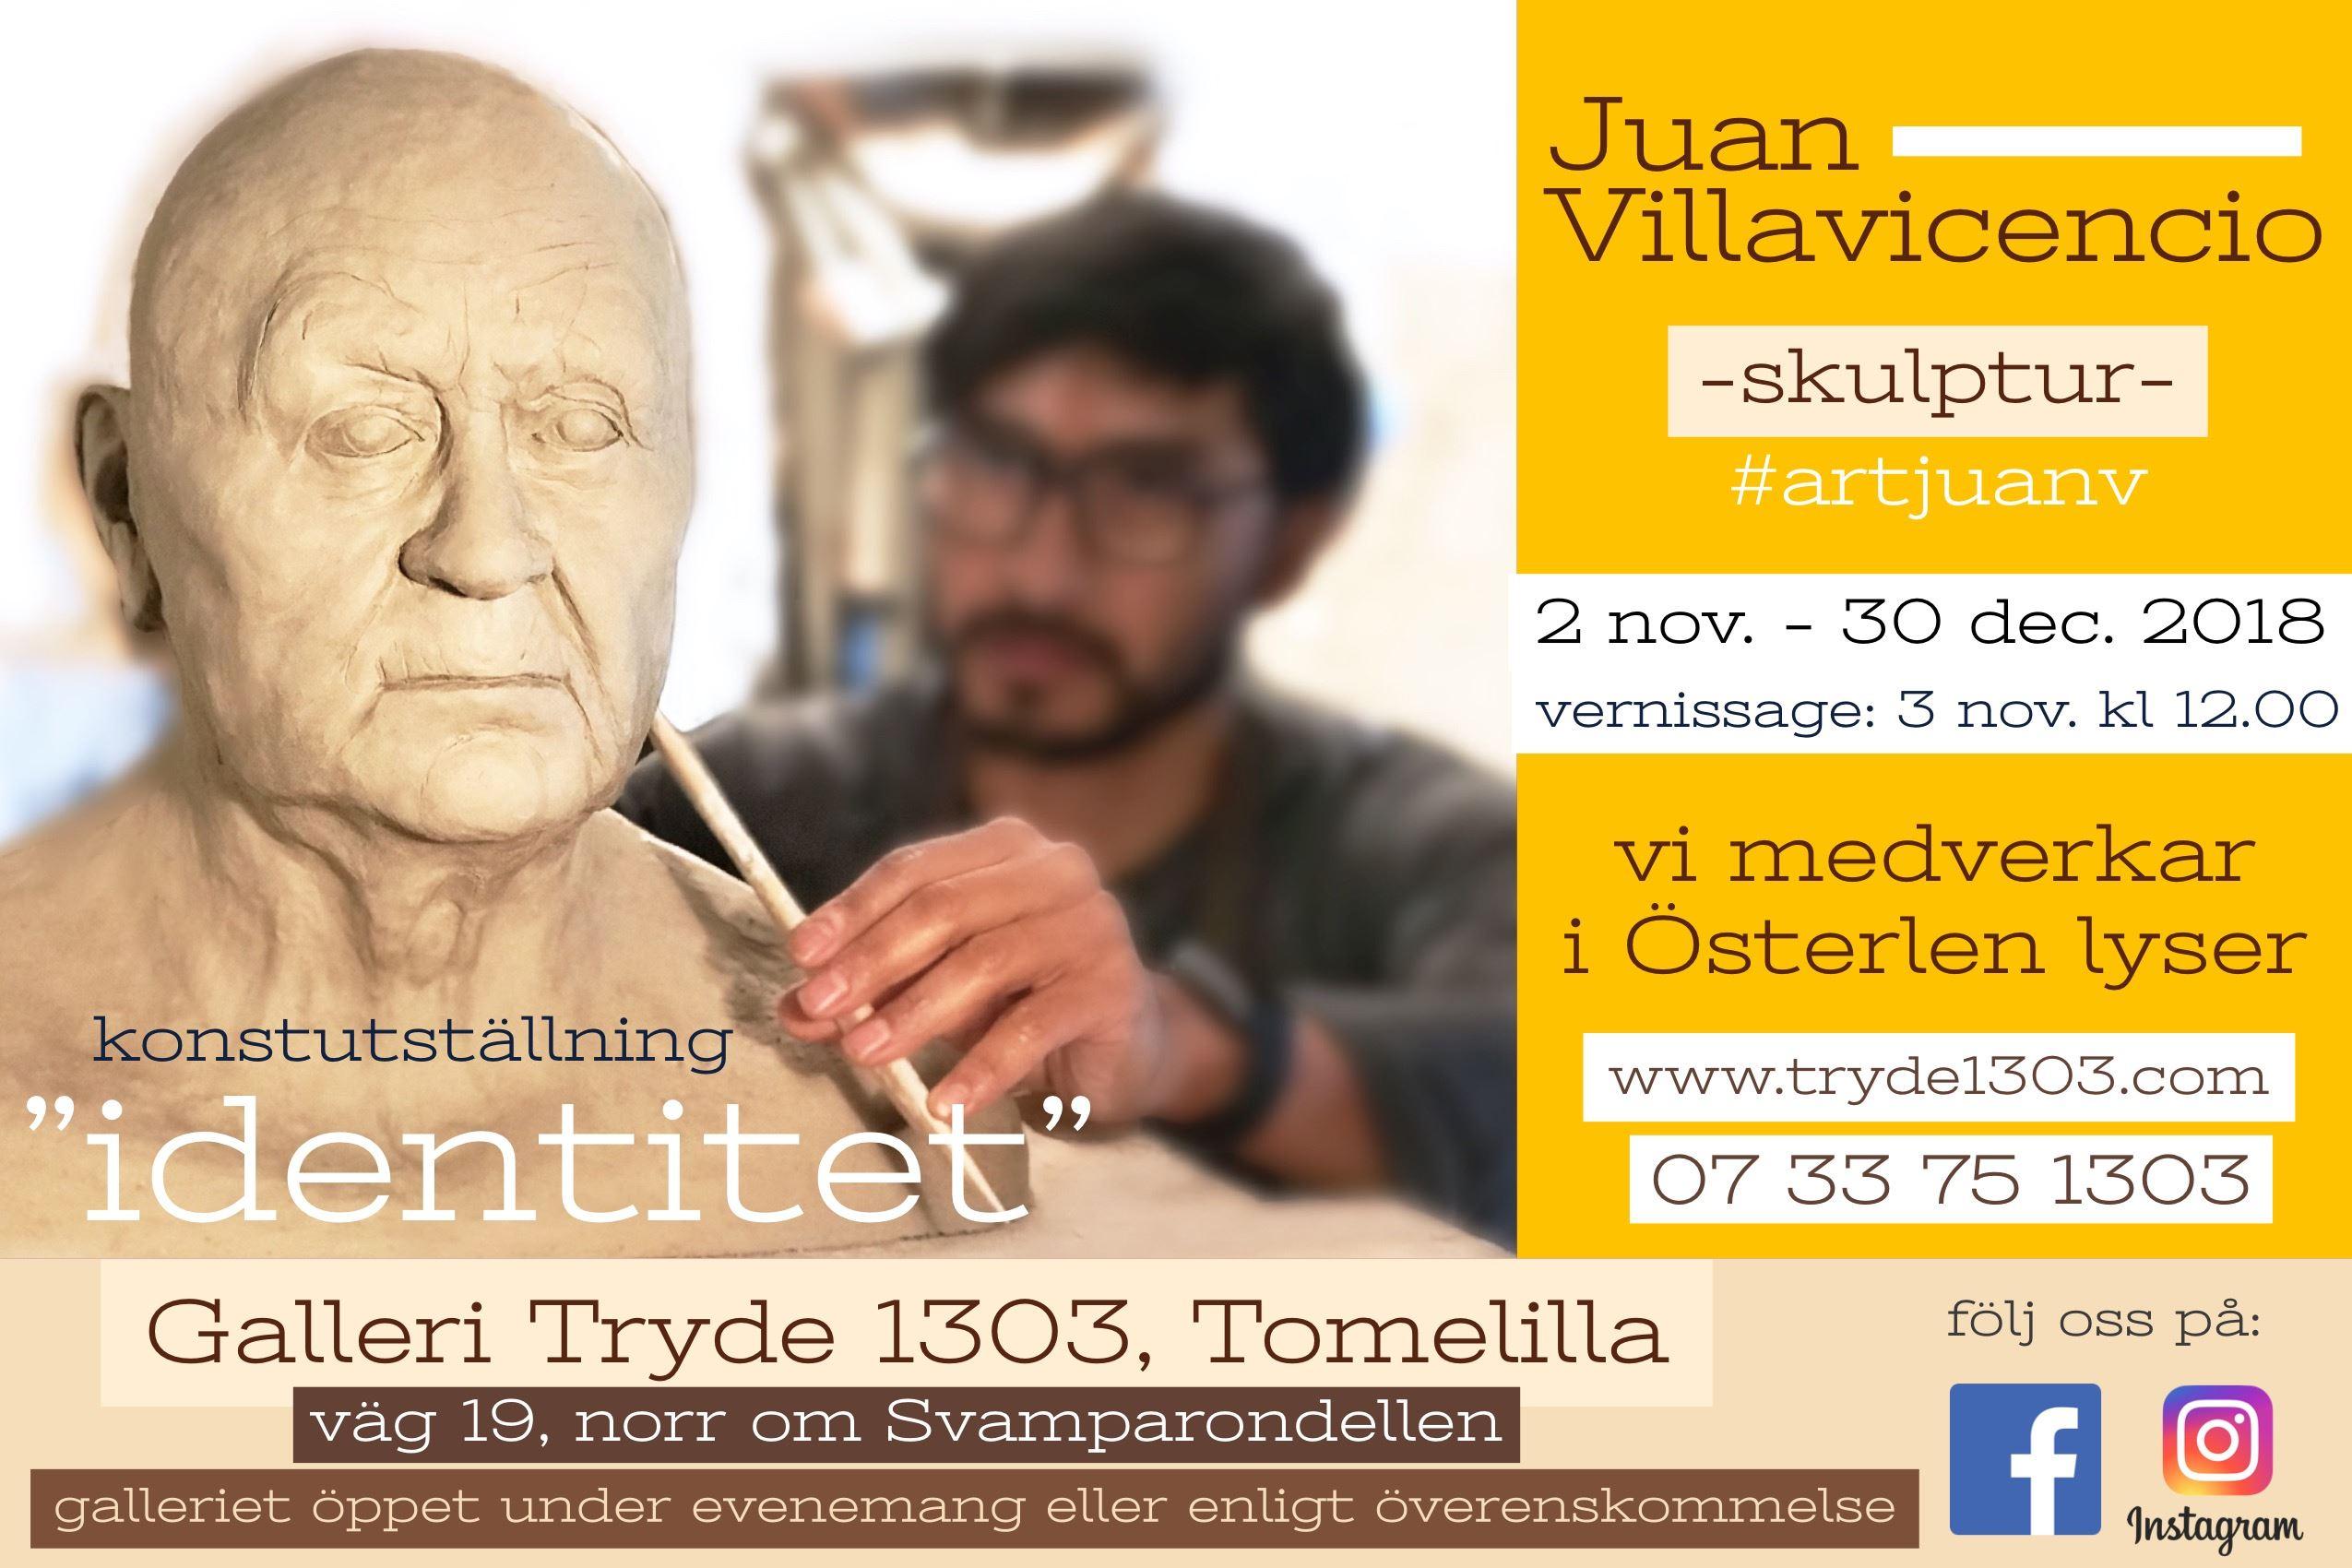 Juan Villavicencio #artjuanv